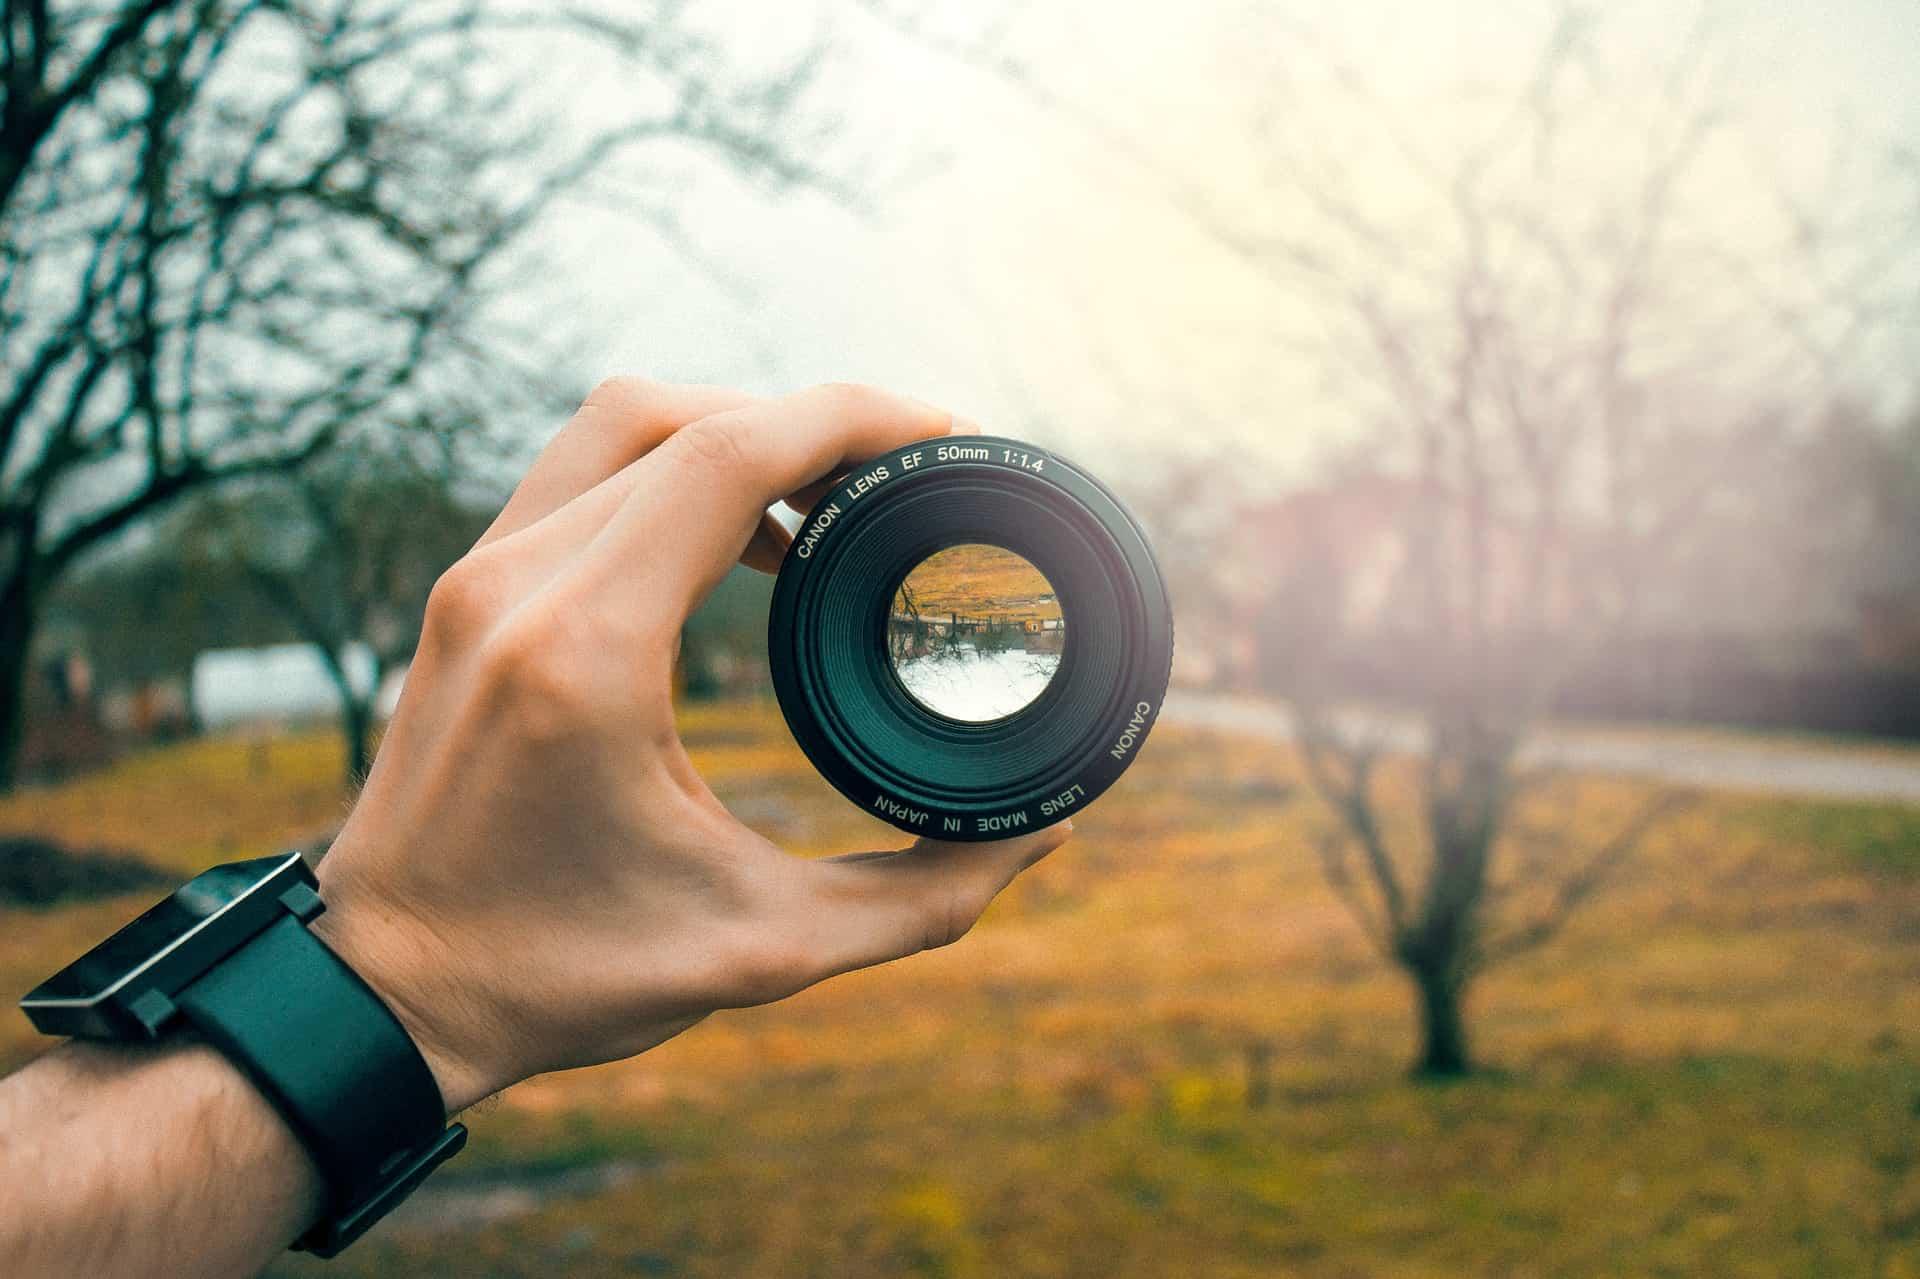 Imagem mostra a mão de uma pessoa segurando uma lente Canon em frente a um campo com árvores.